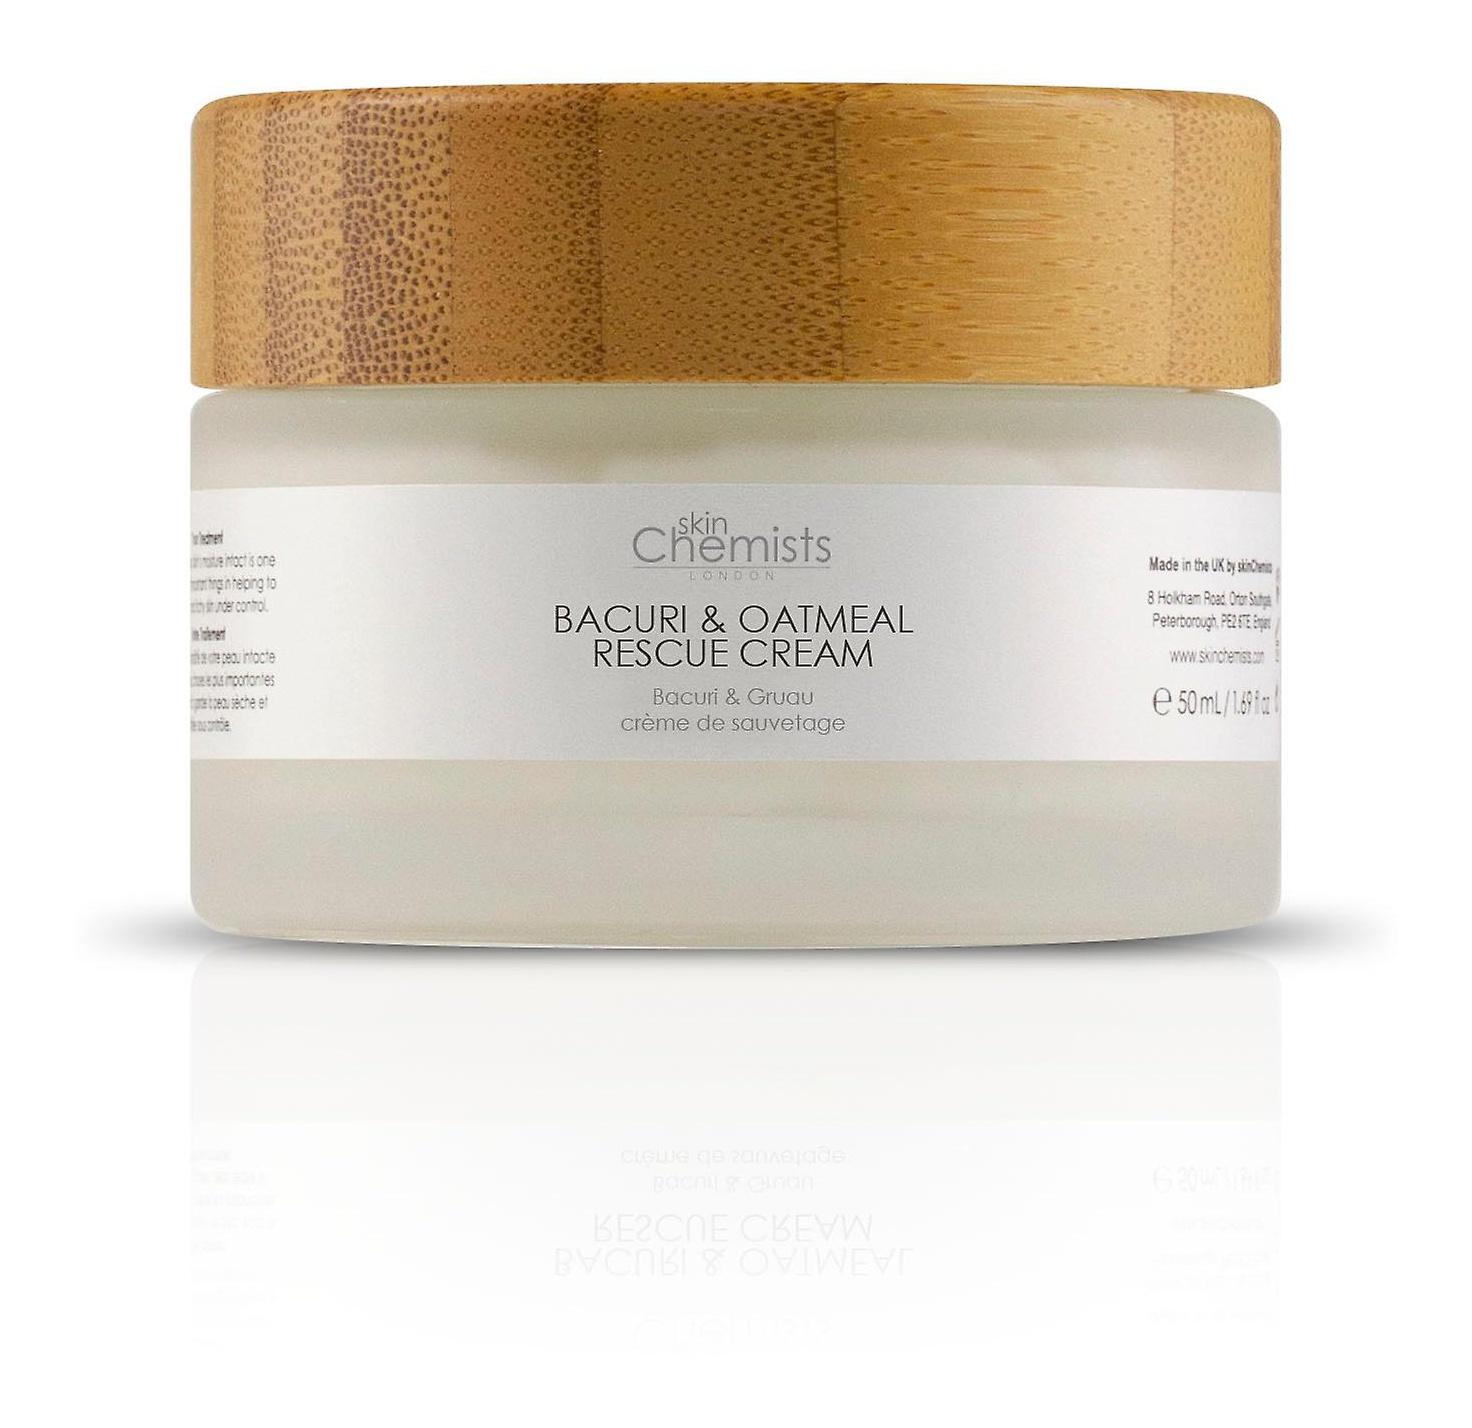 Skin Chemists Face Cream Bacuri & Oatmeal Rescue Cream